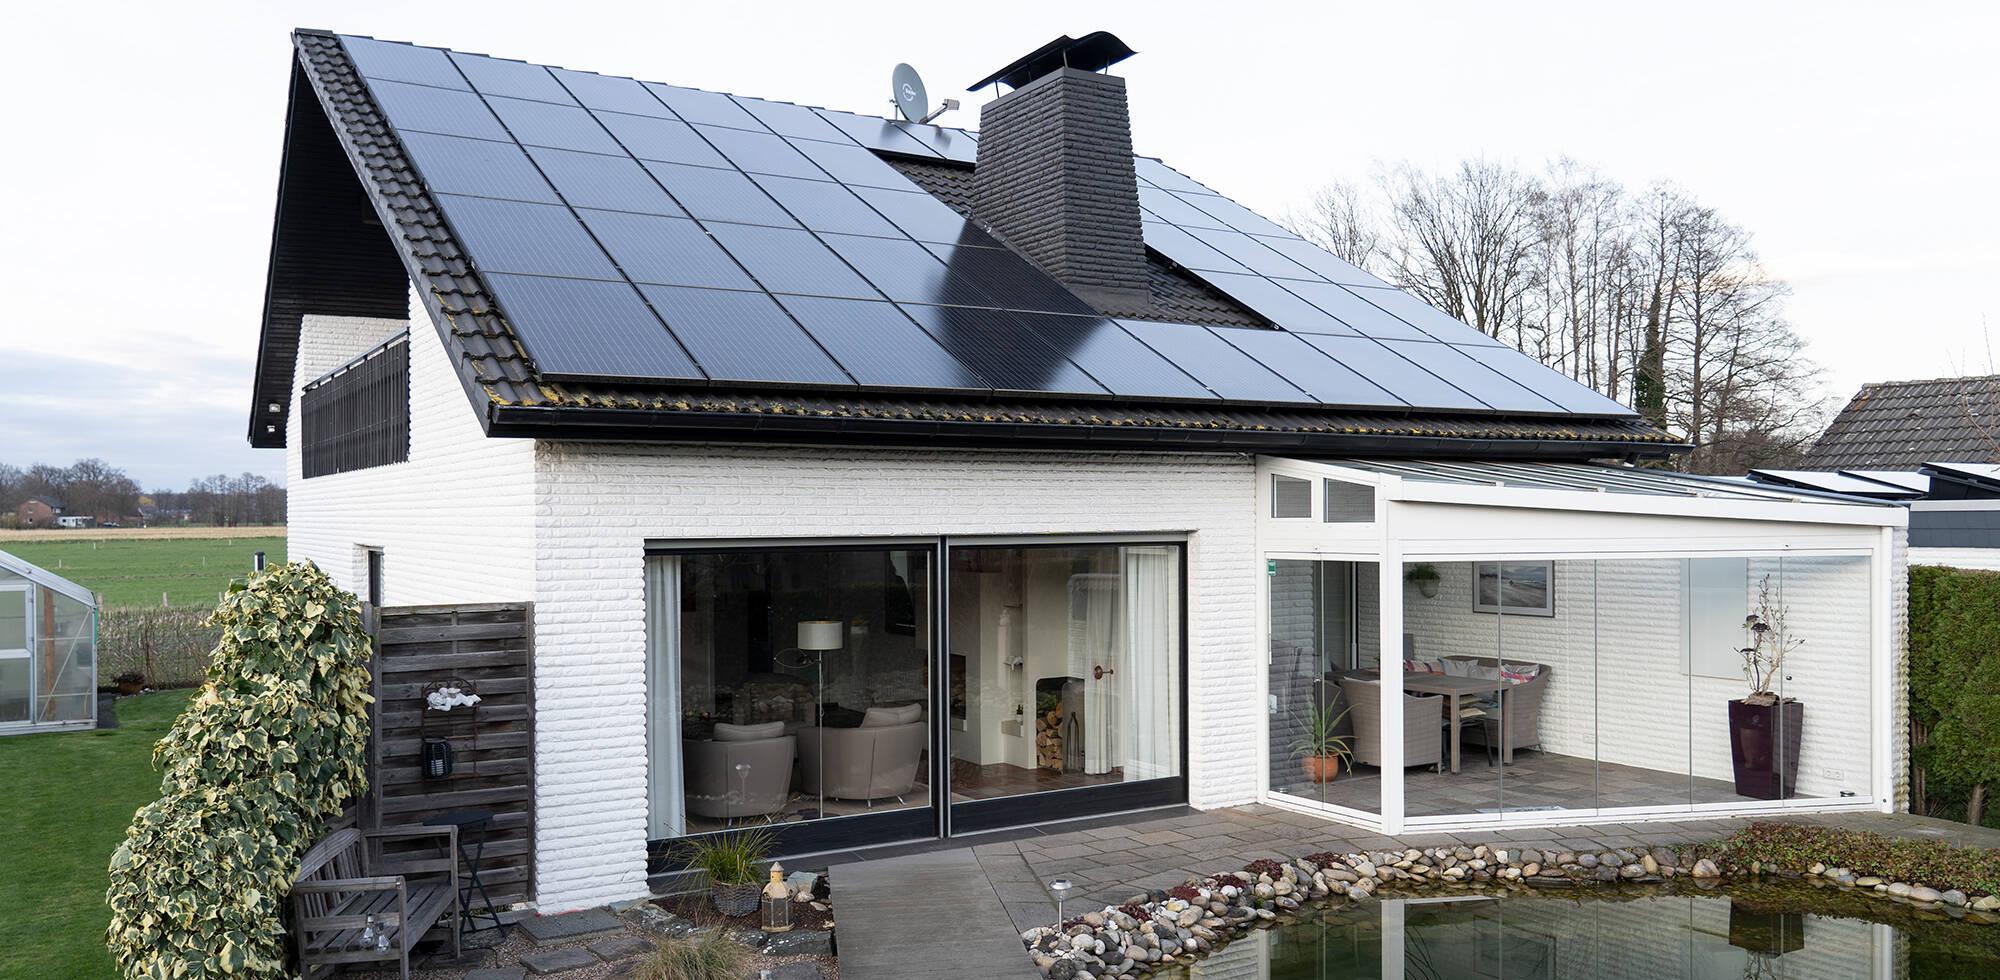 Infrarot mit Photovoltaik als alternative Heizmethoden Einfamilienhaus